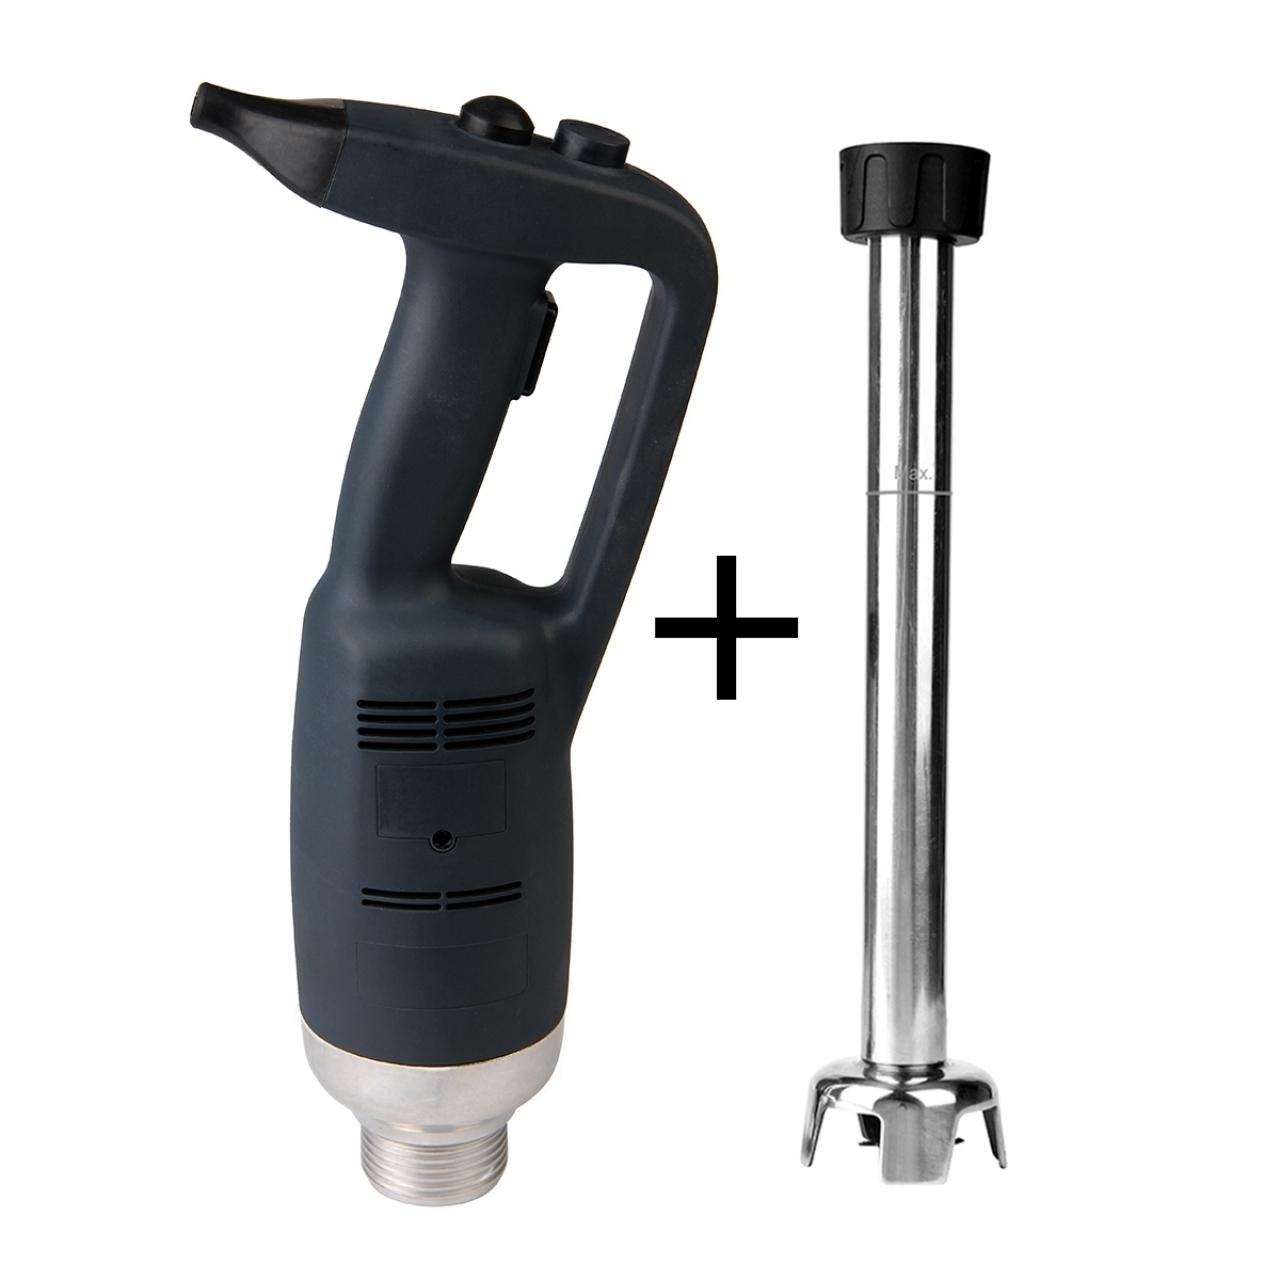 Hand-held blender with power regulator 400 mm